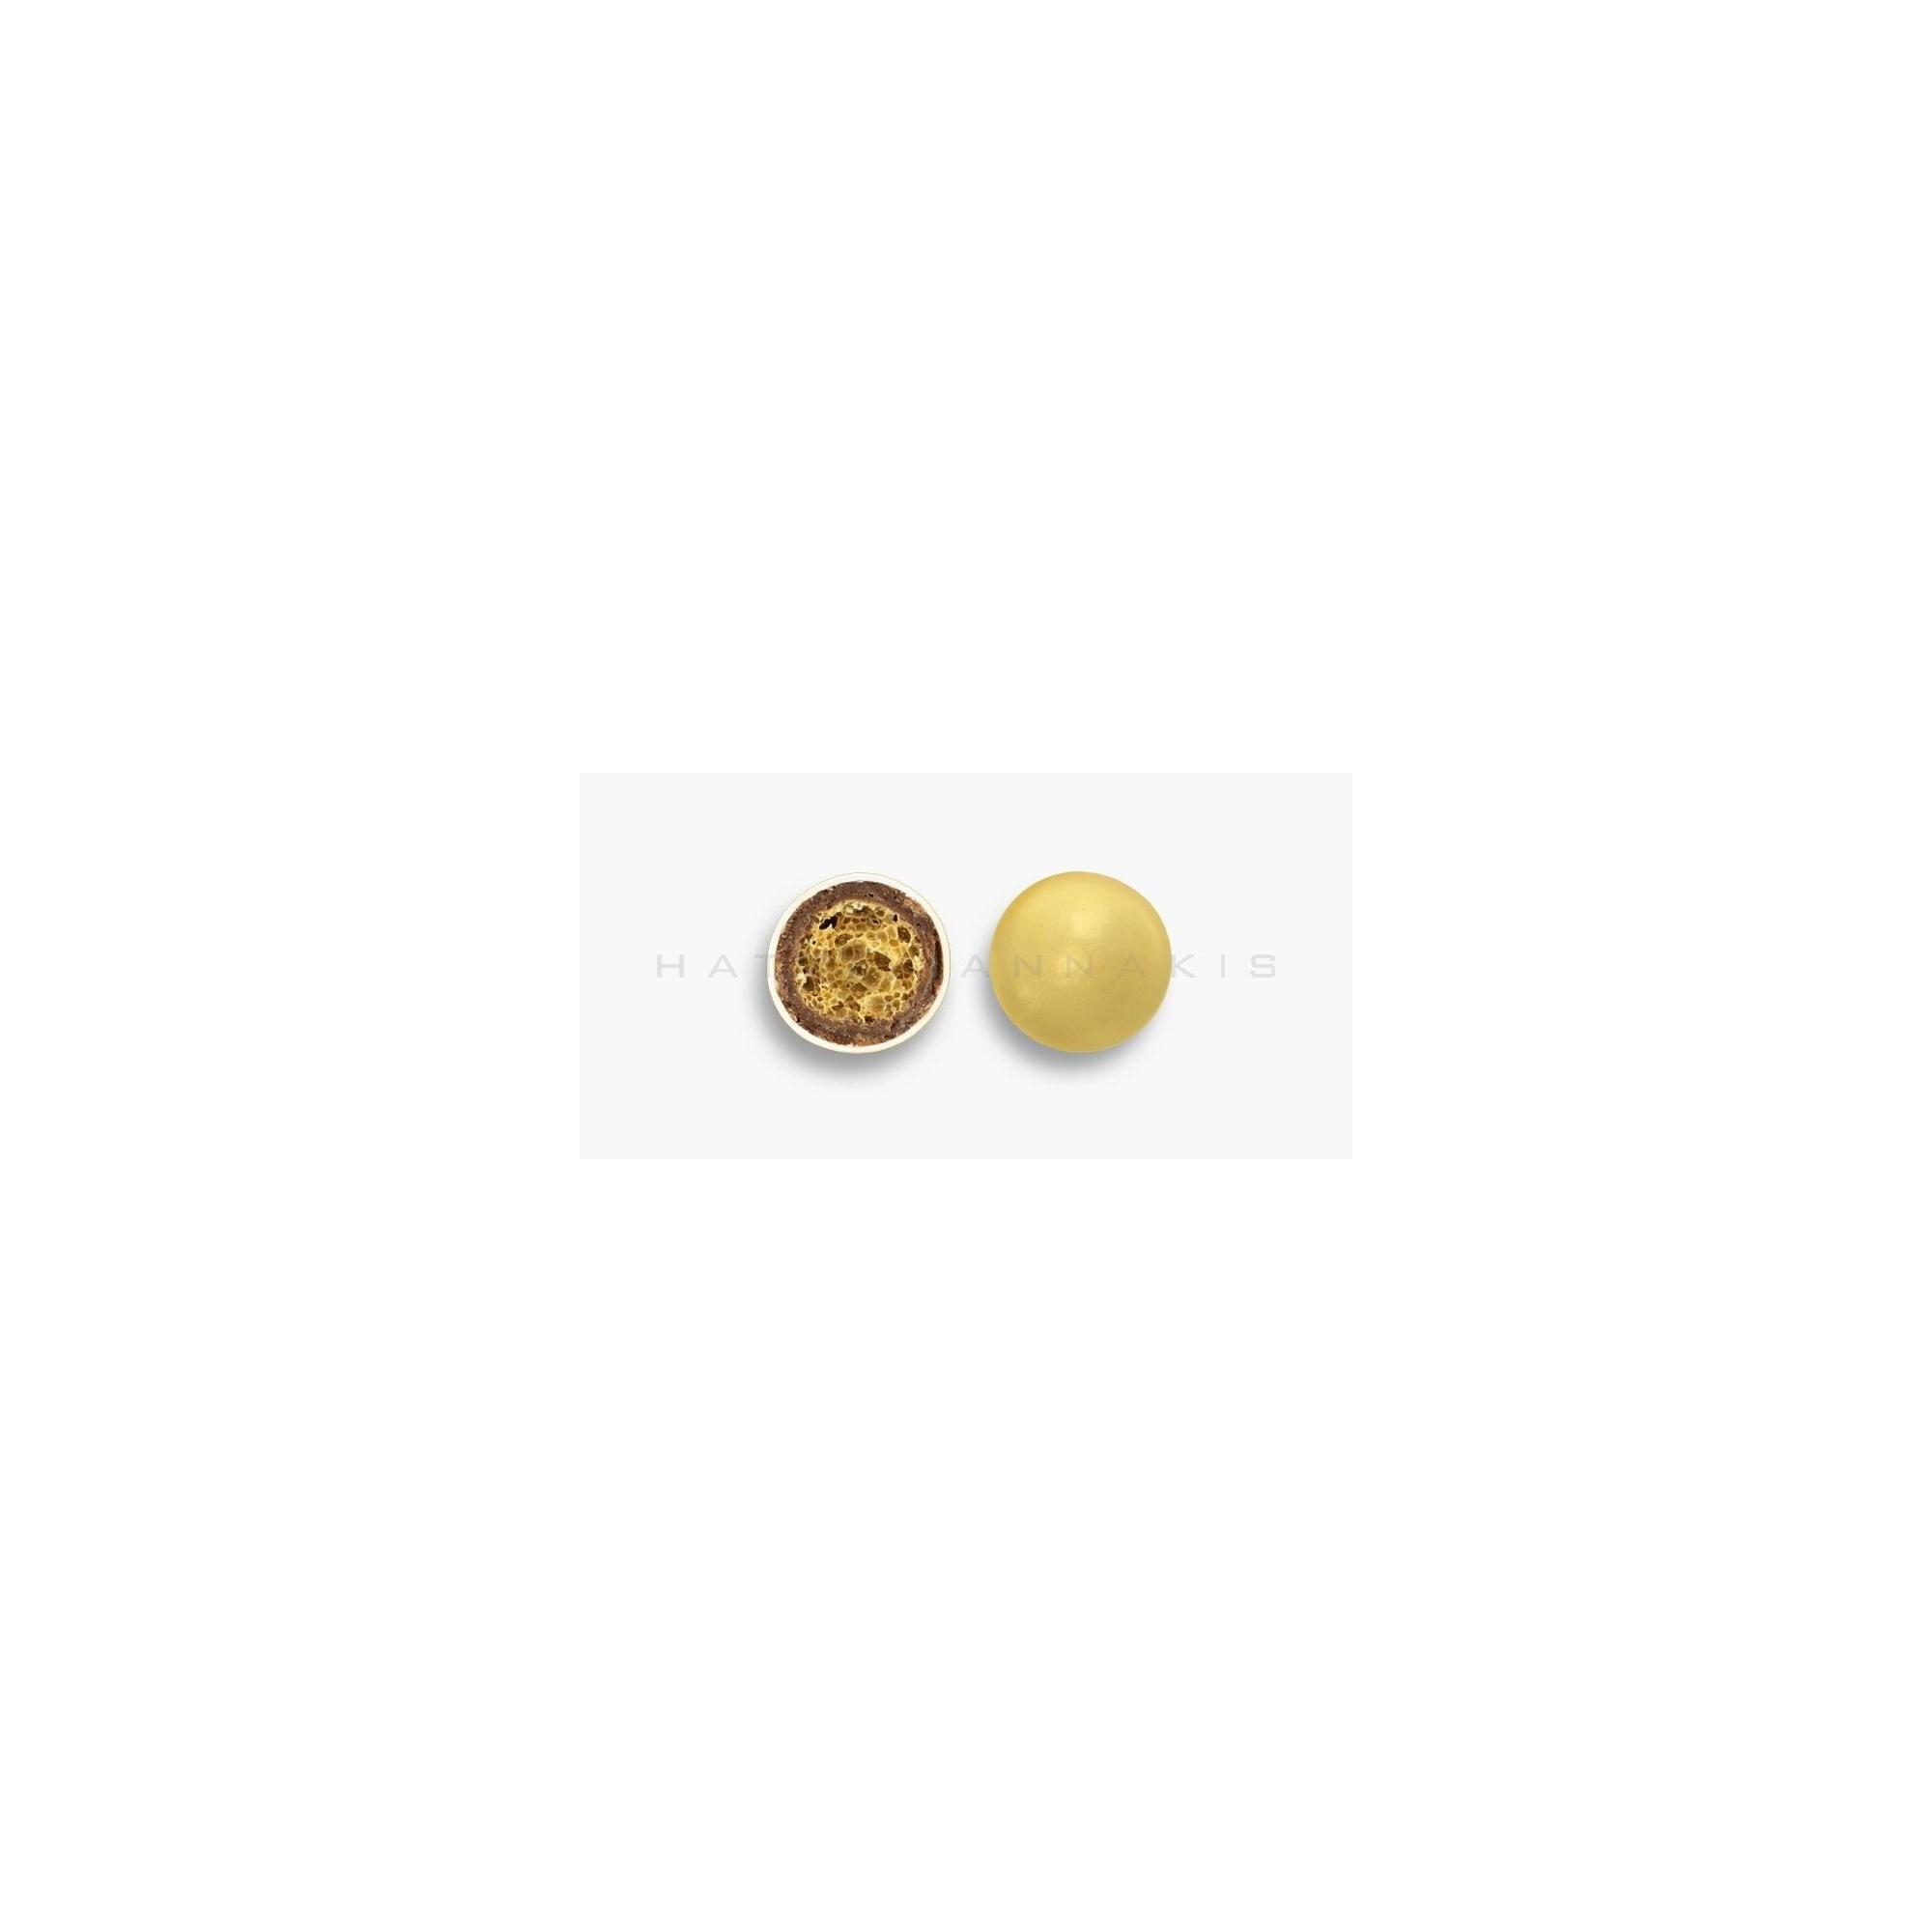 Κουφέτο Μεταλλιζέ Χρυσό - LWG-X1904